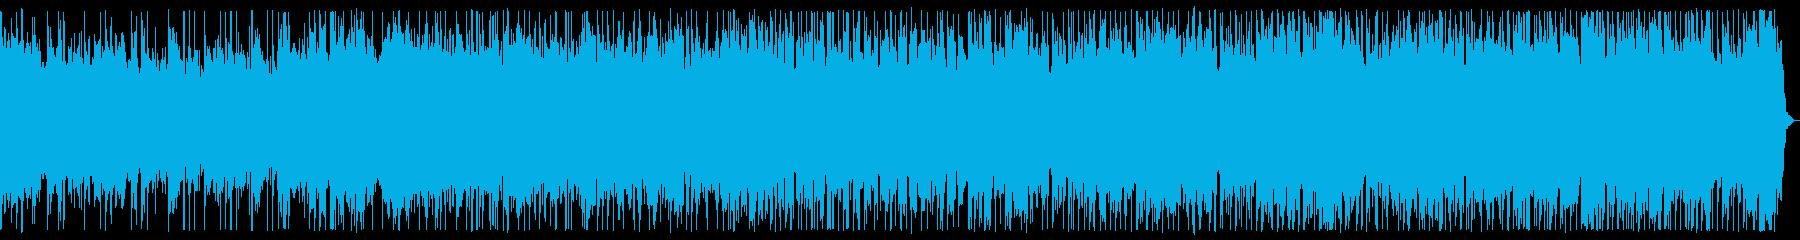 魔の領域 ダークなメタル戦闘曲 背景曲の再生済みの波形